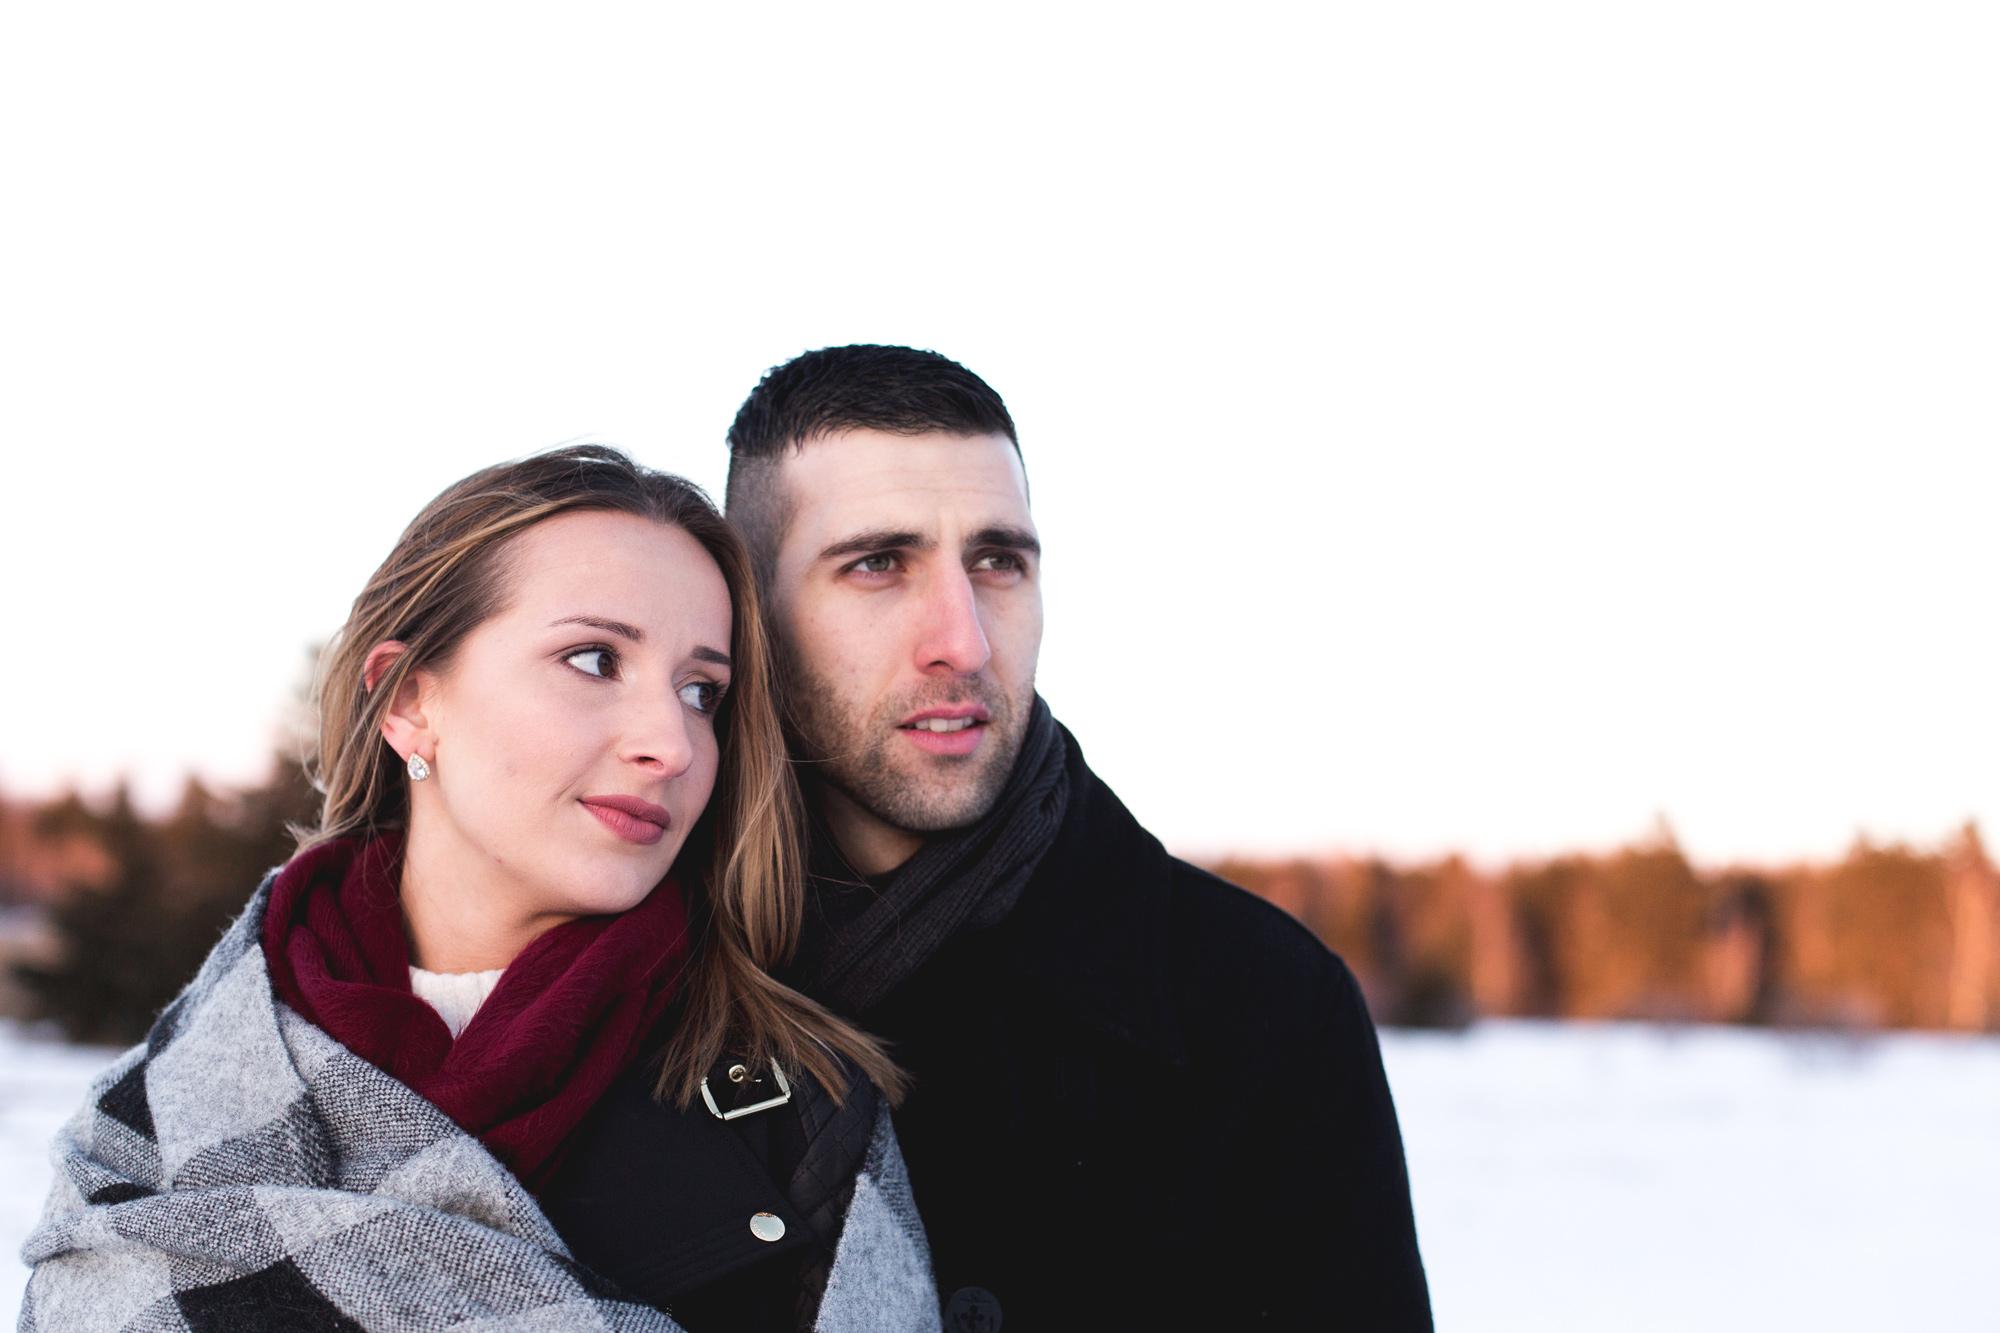 PEI Engagement photographers